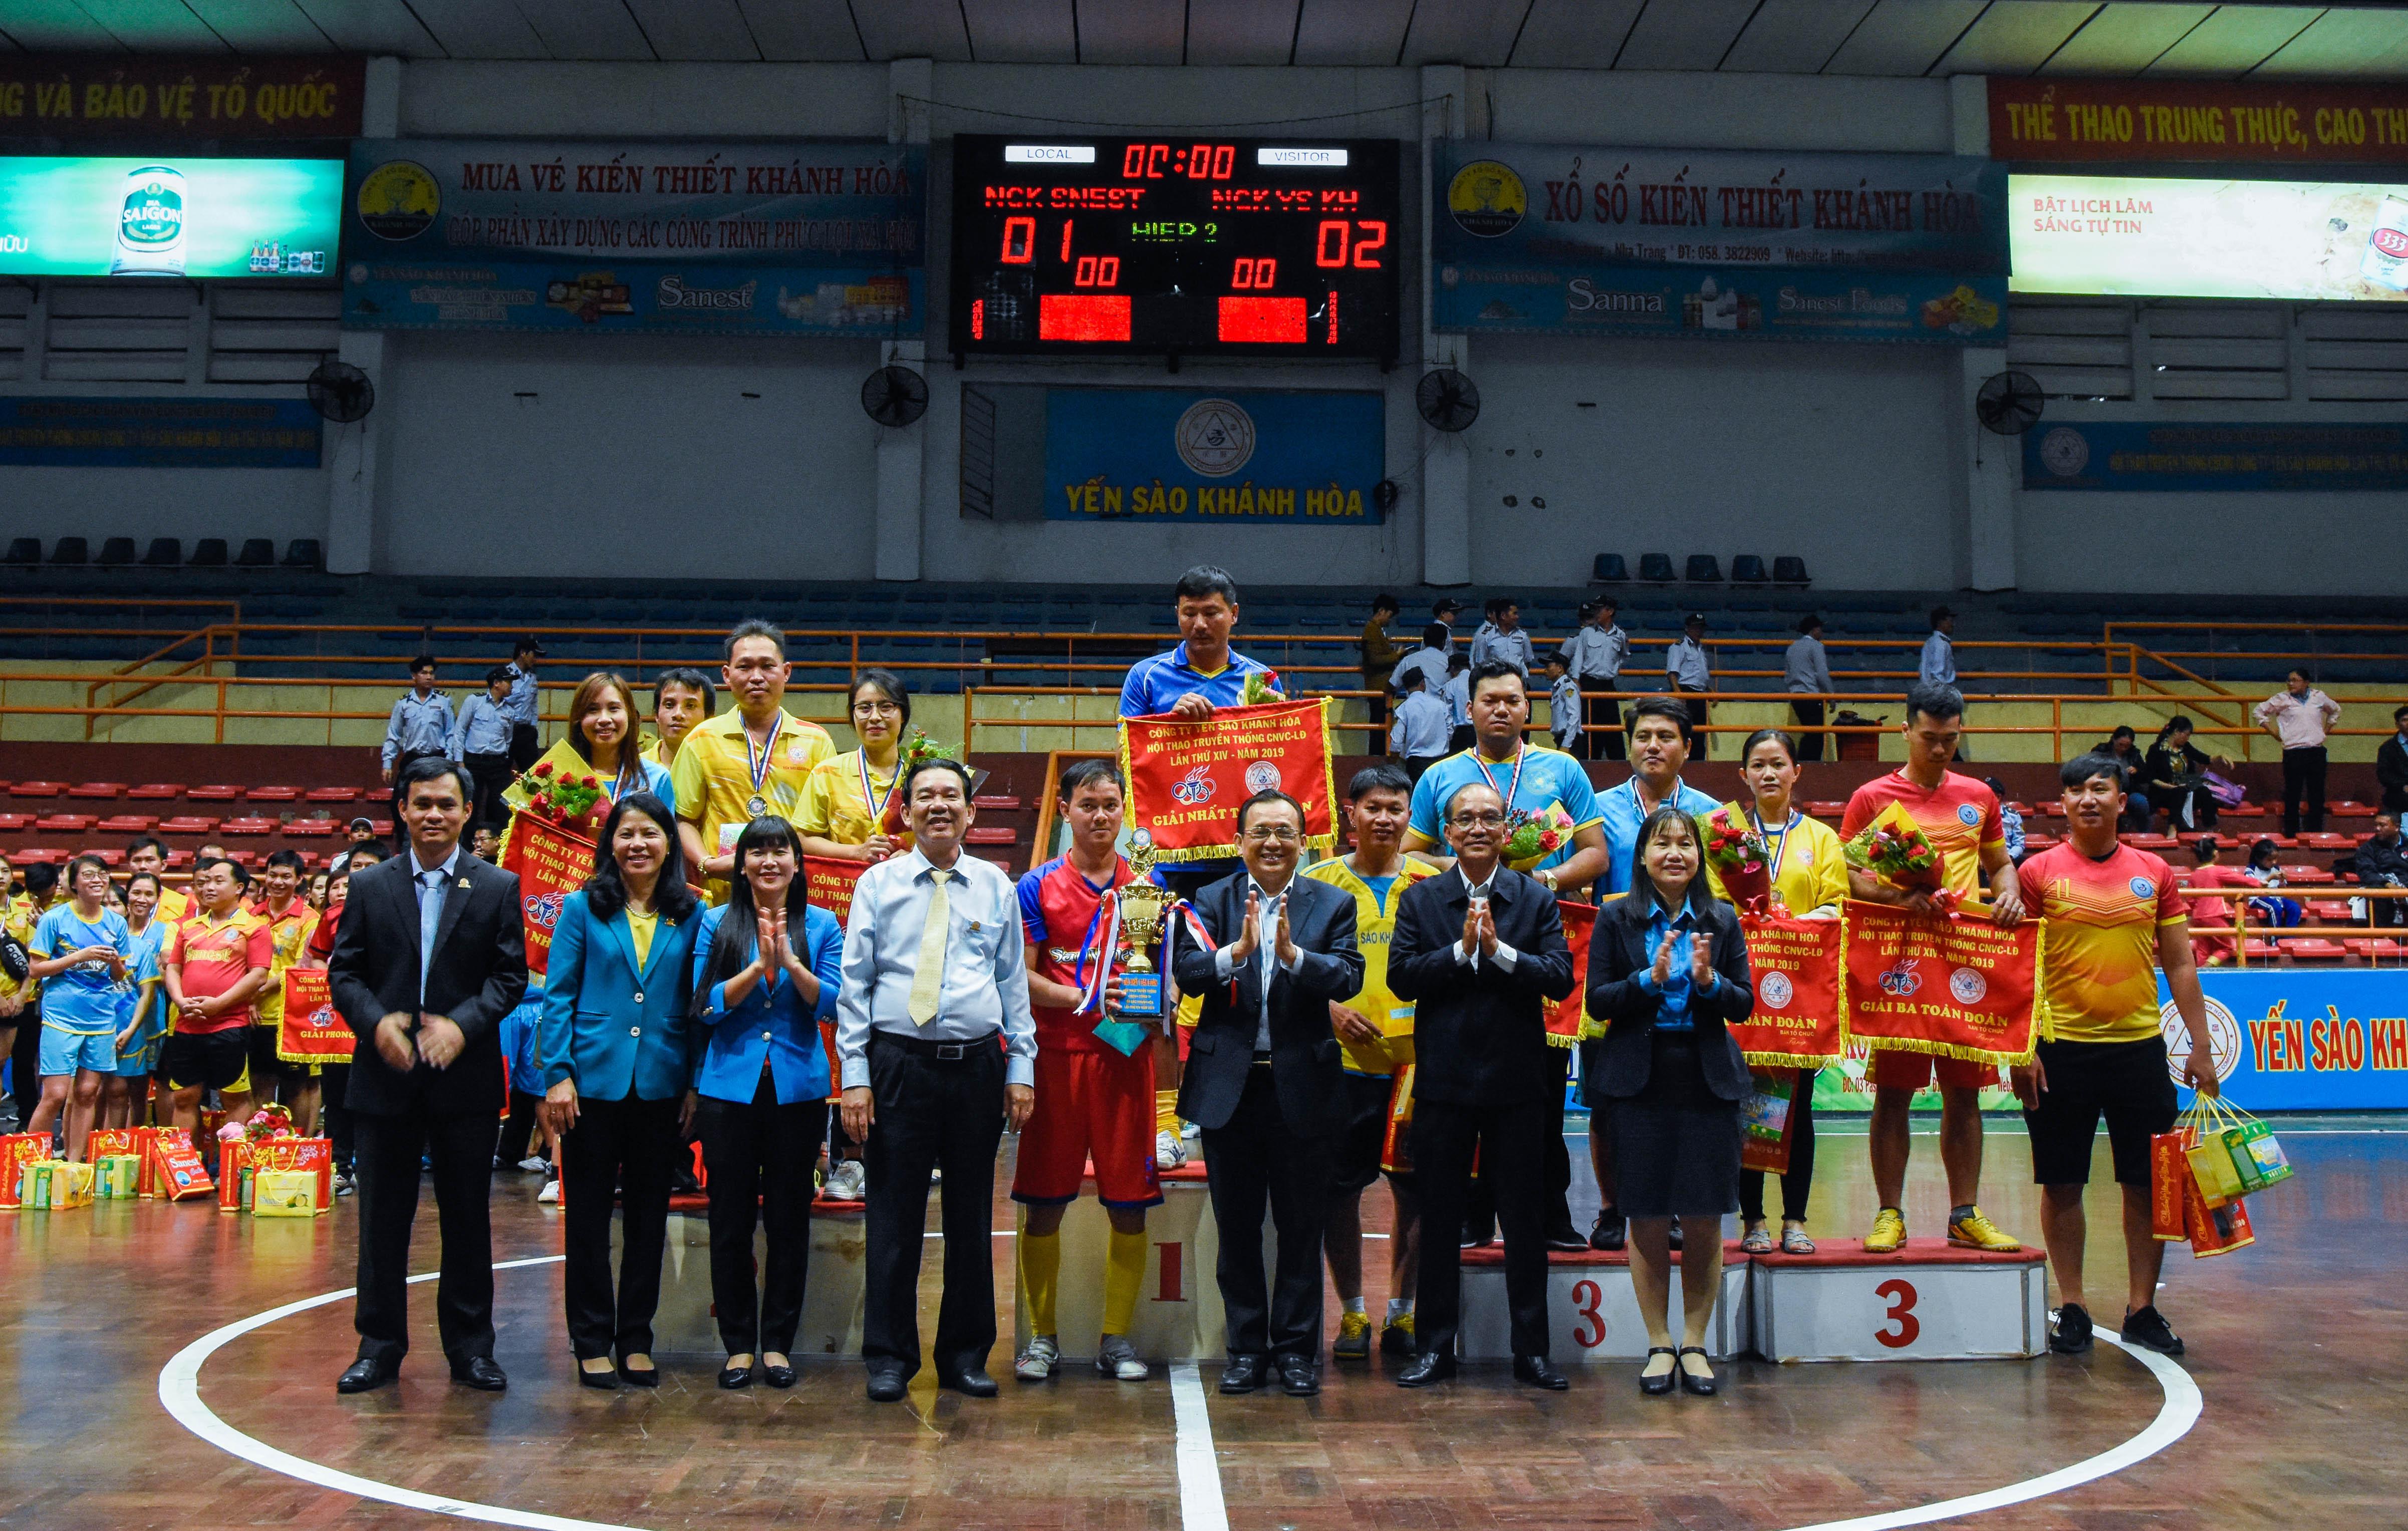 Công ty Yến sào Khánh Hòa tổ chức Hội thao truyền thống lần thứ 14 năm 2019